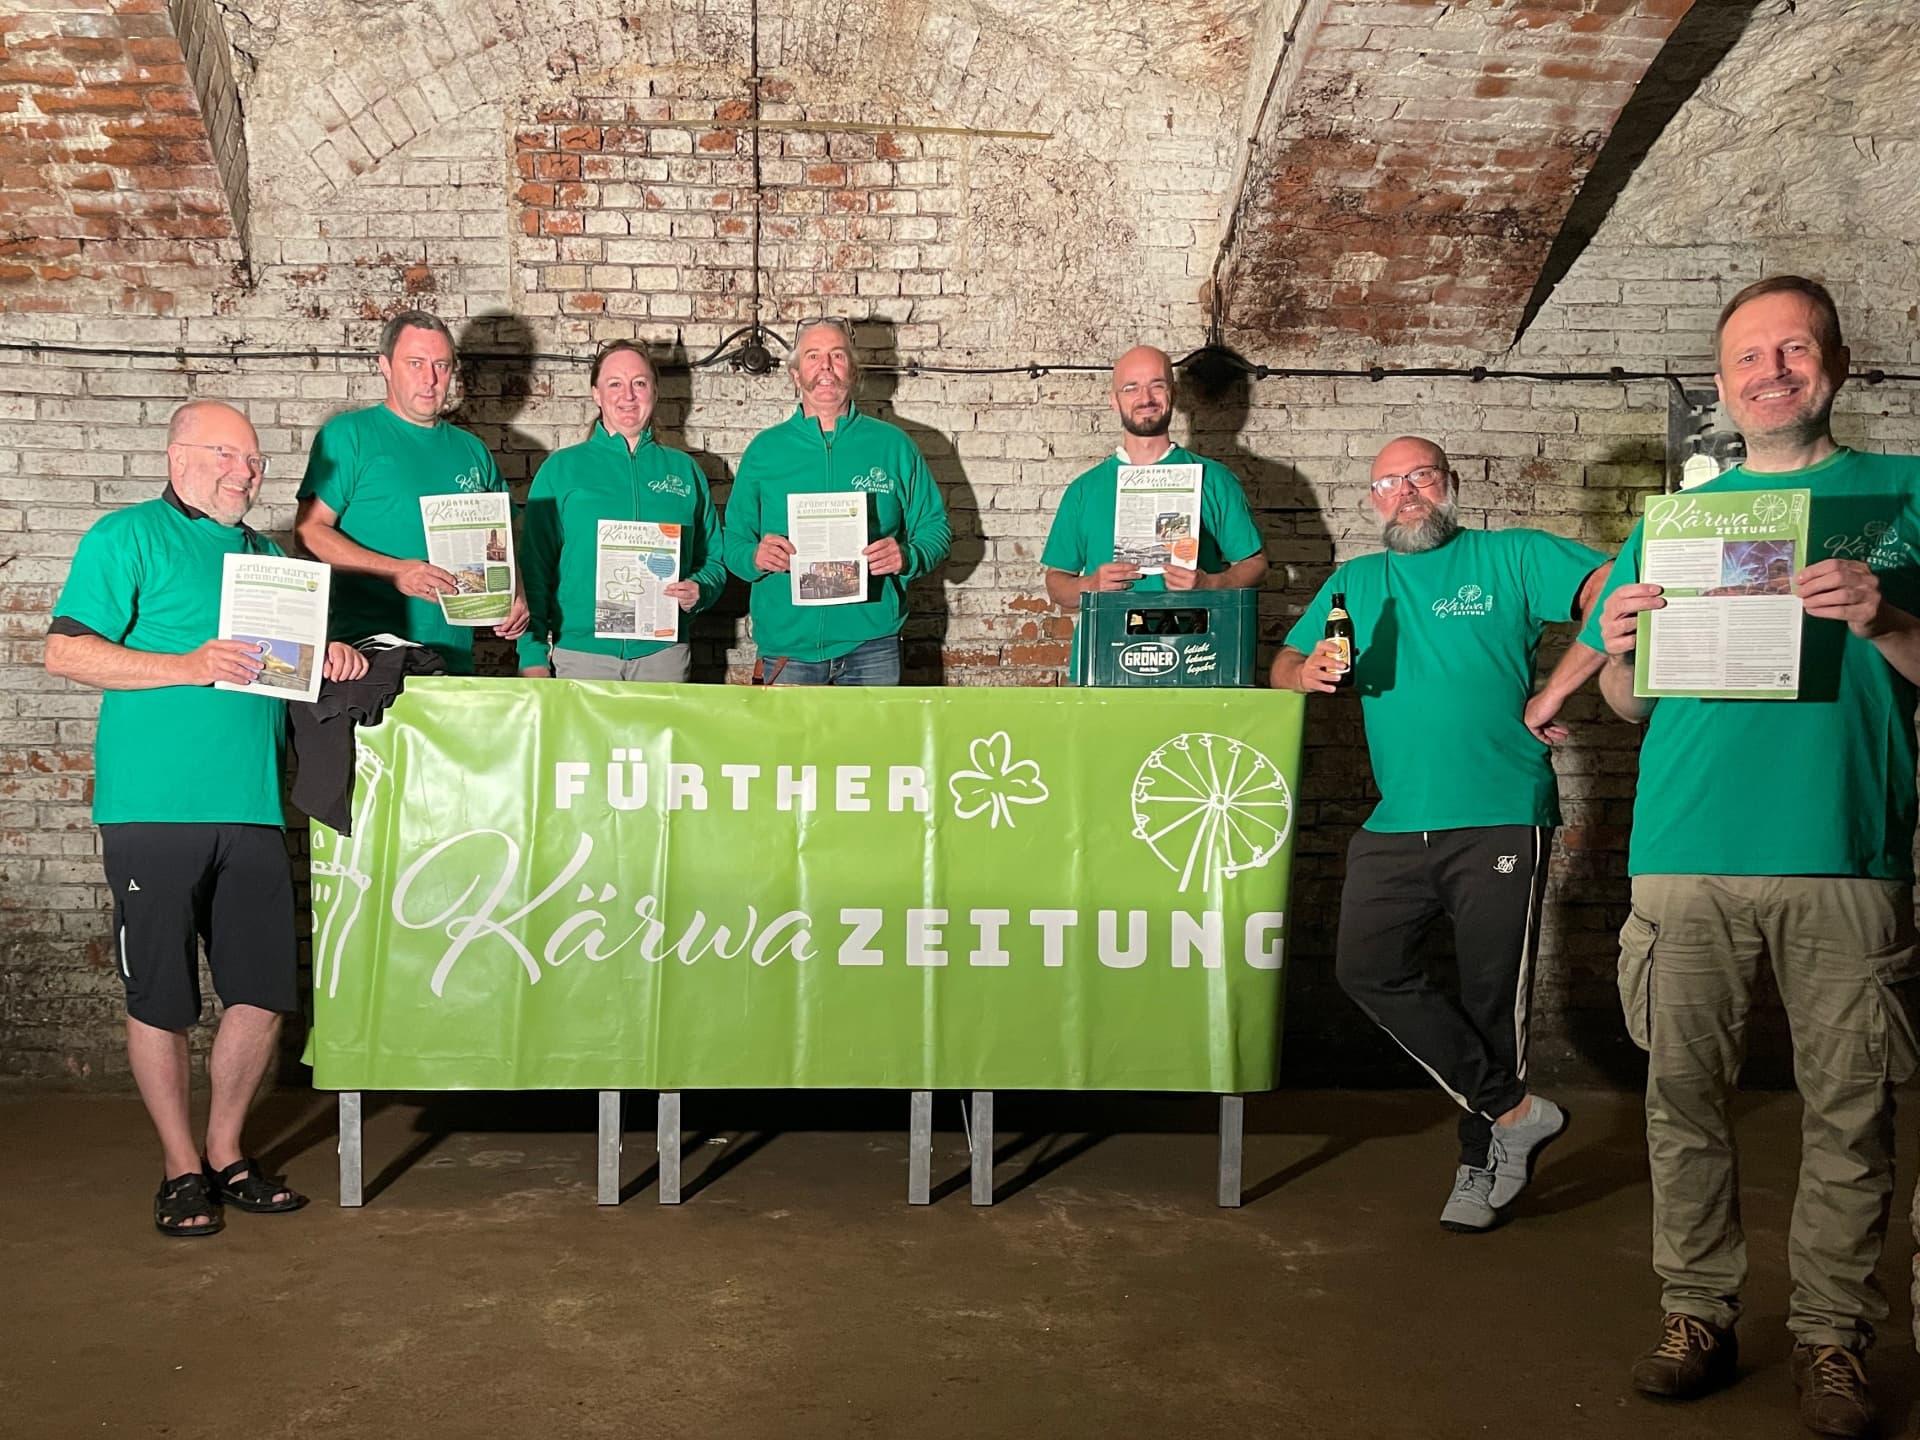 Kärwazeitung Vereinsgründung Gruppenbild